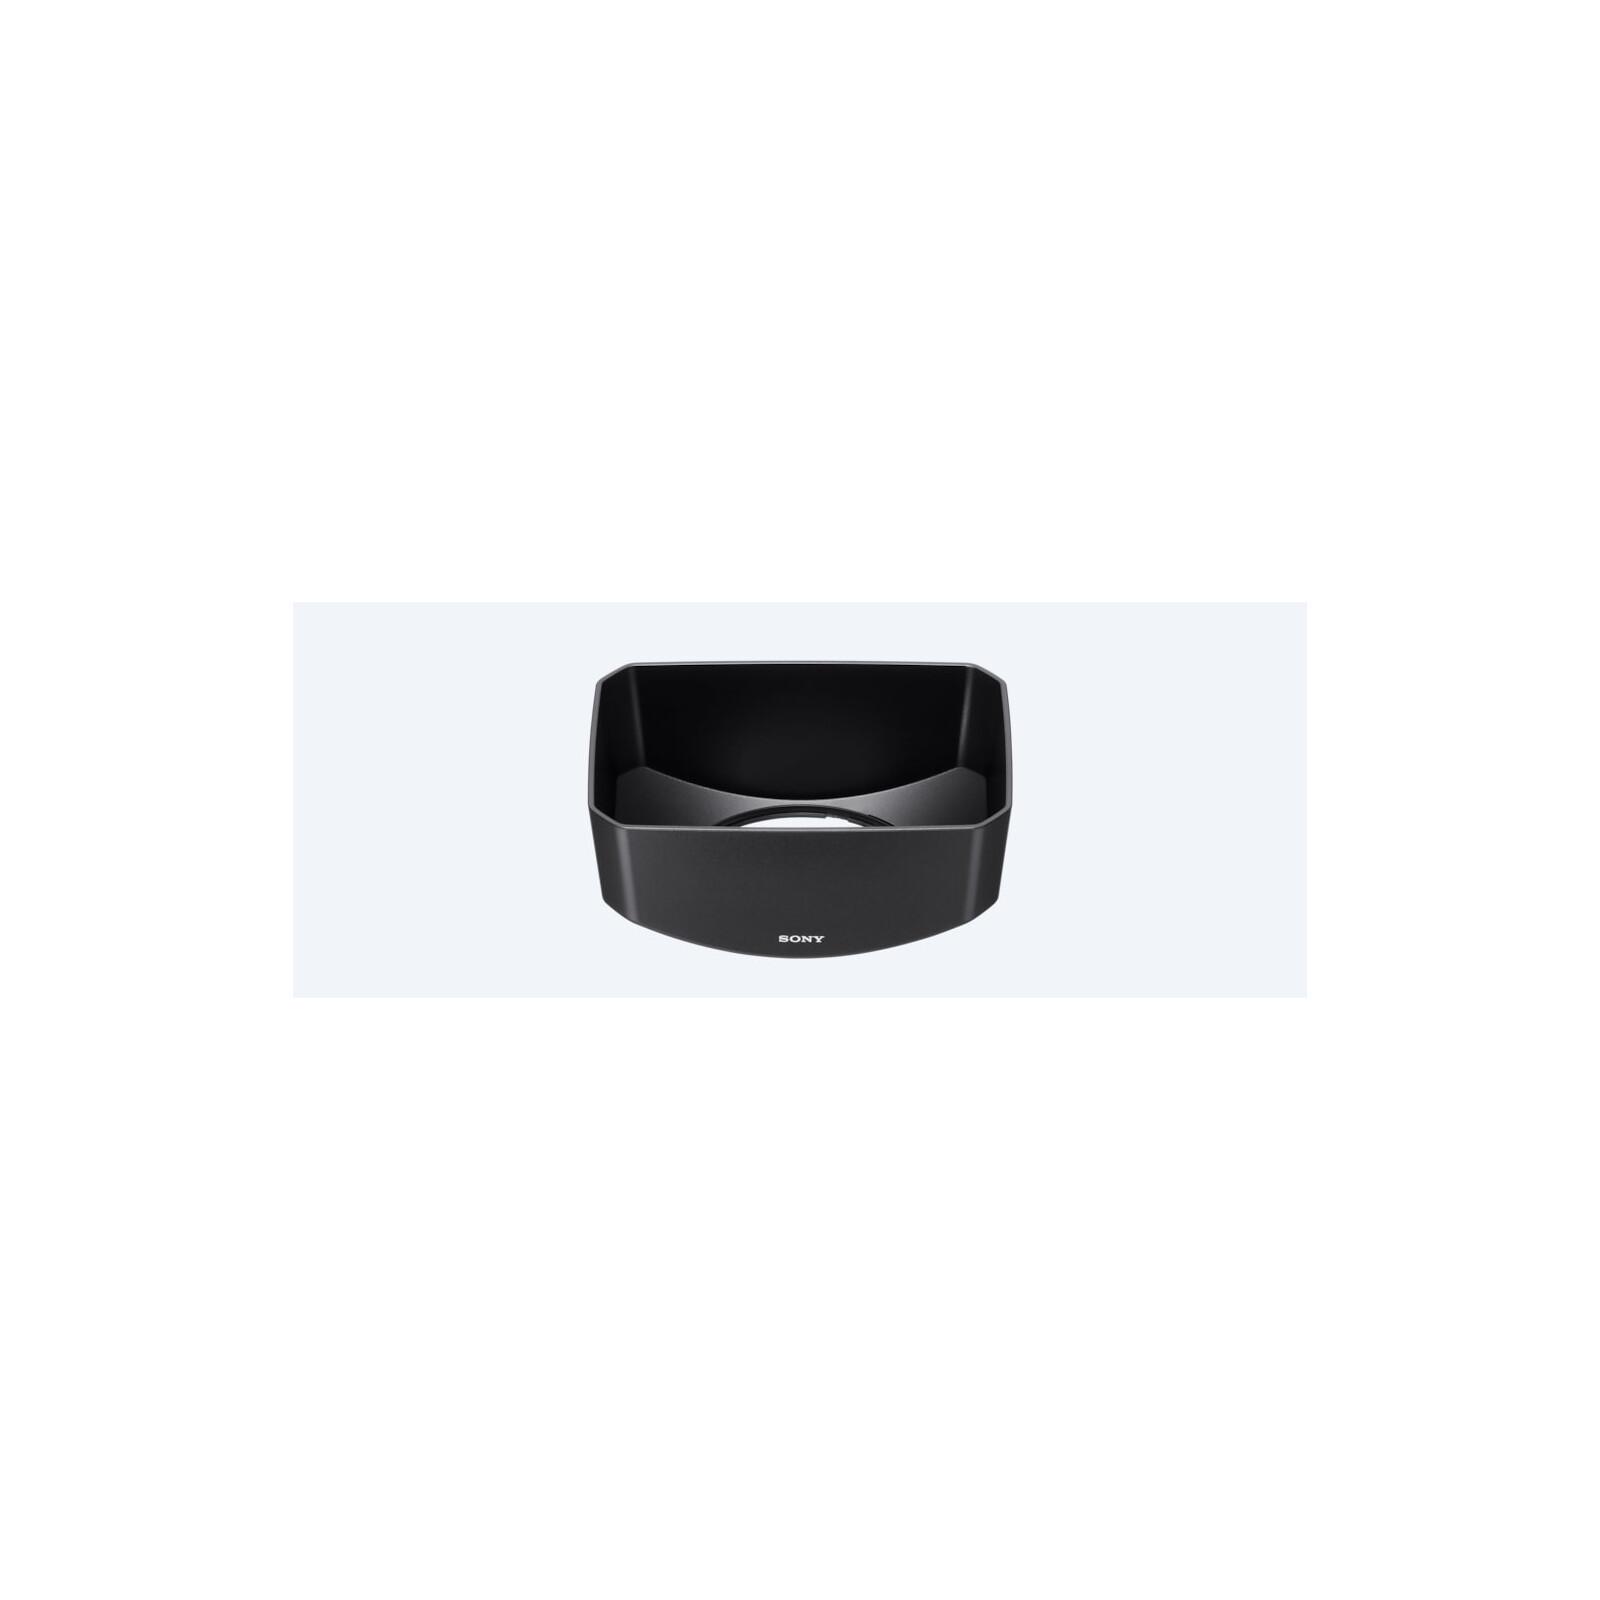 Sony ALC-SH125 Gegenlichtblende